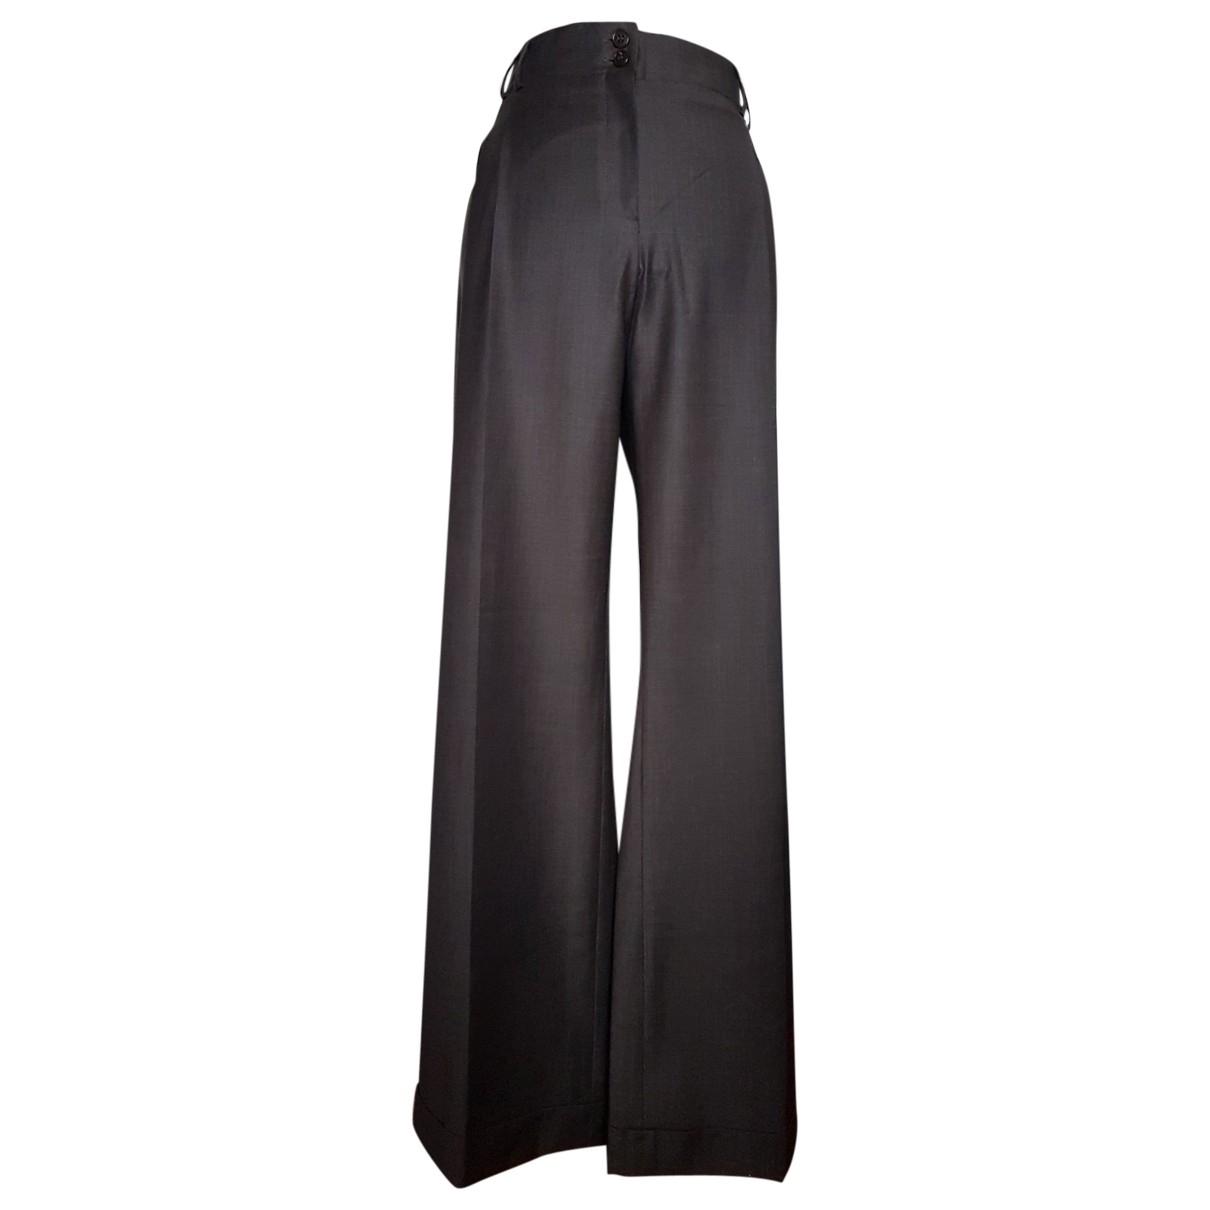 Pantalon largo de Lana Gerard Darel